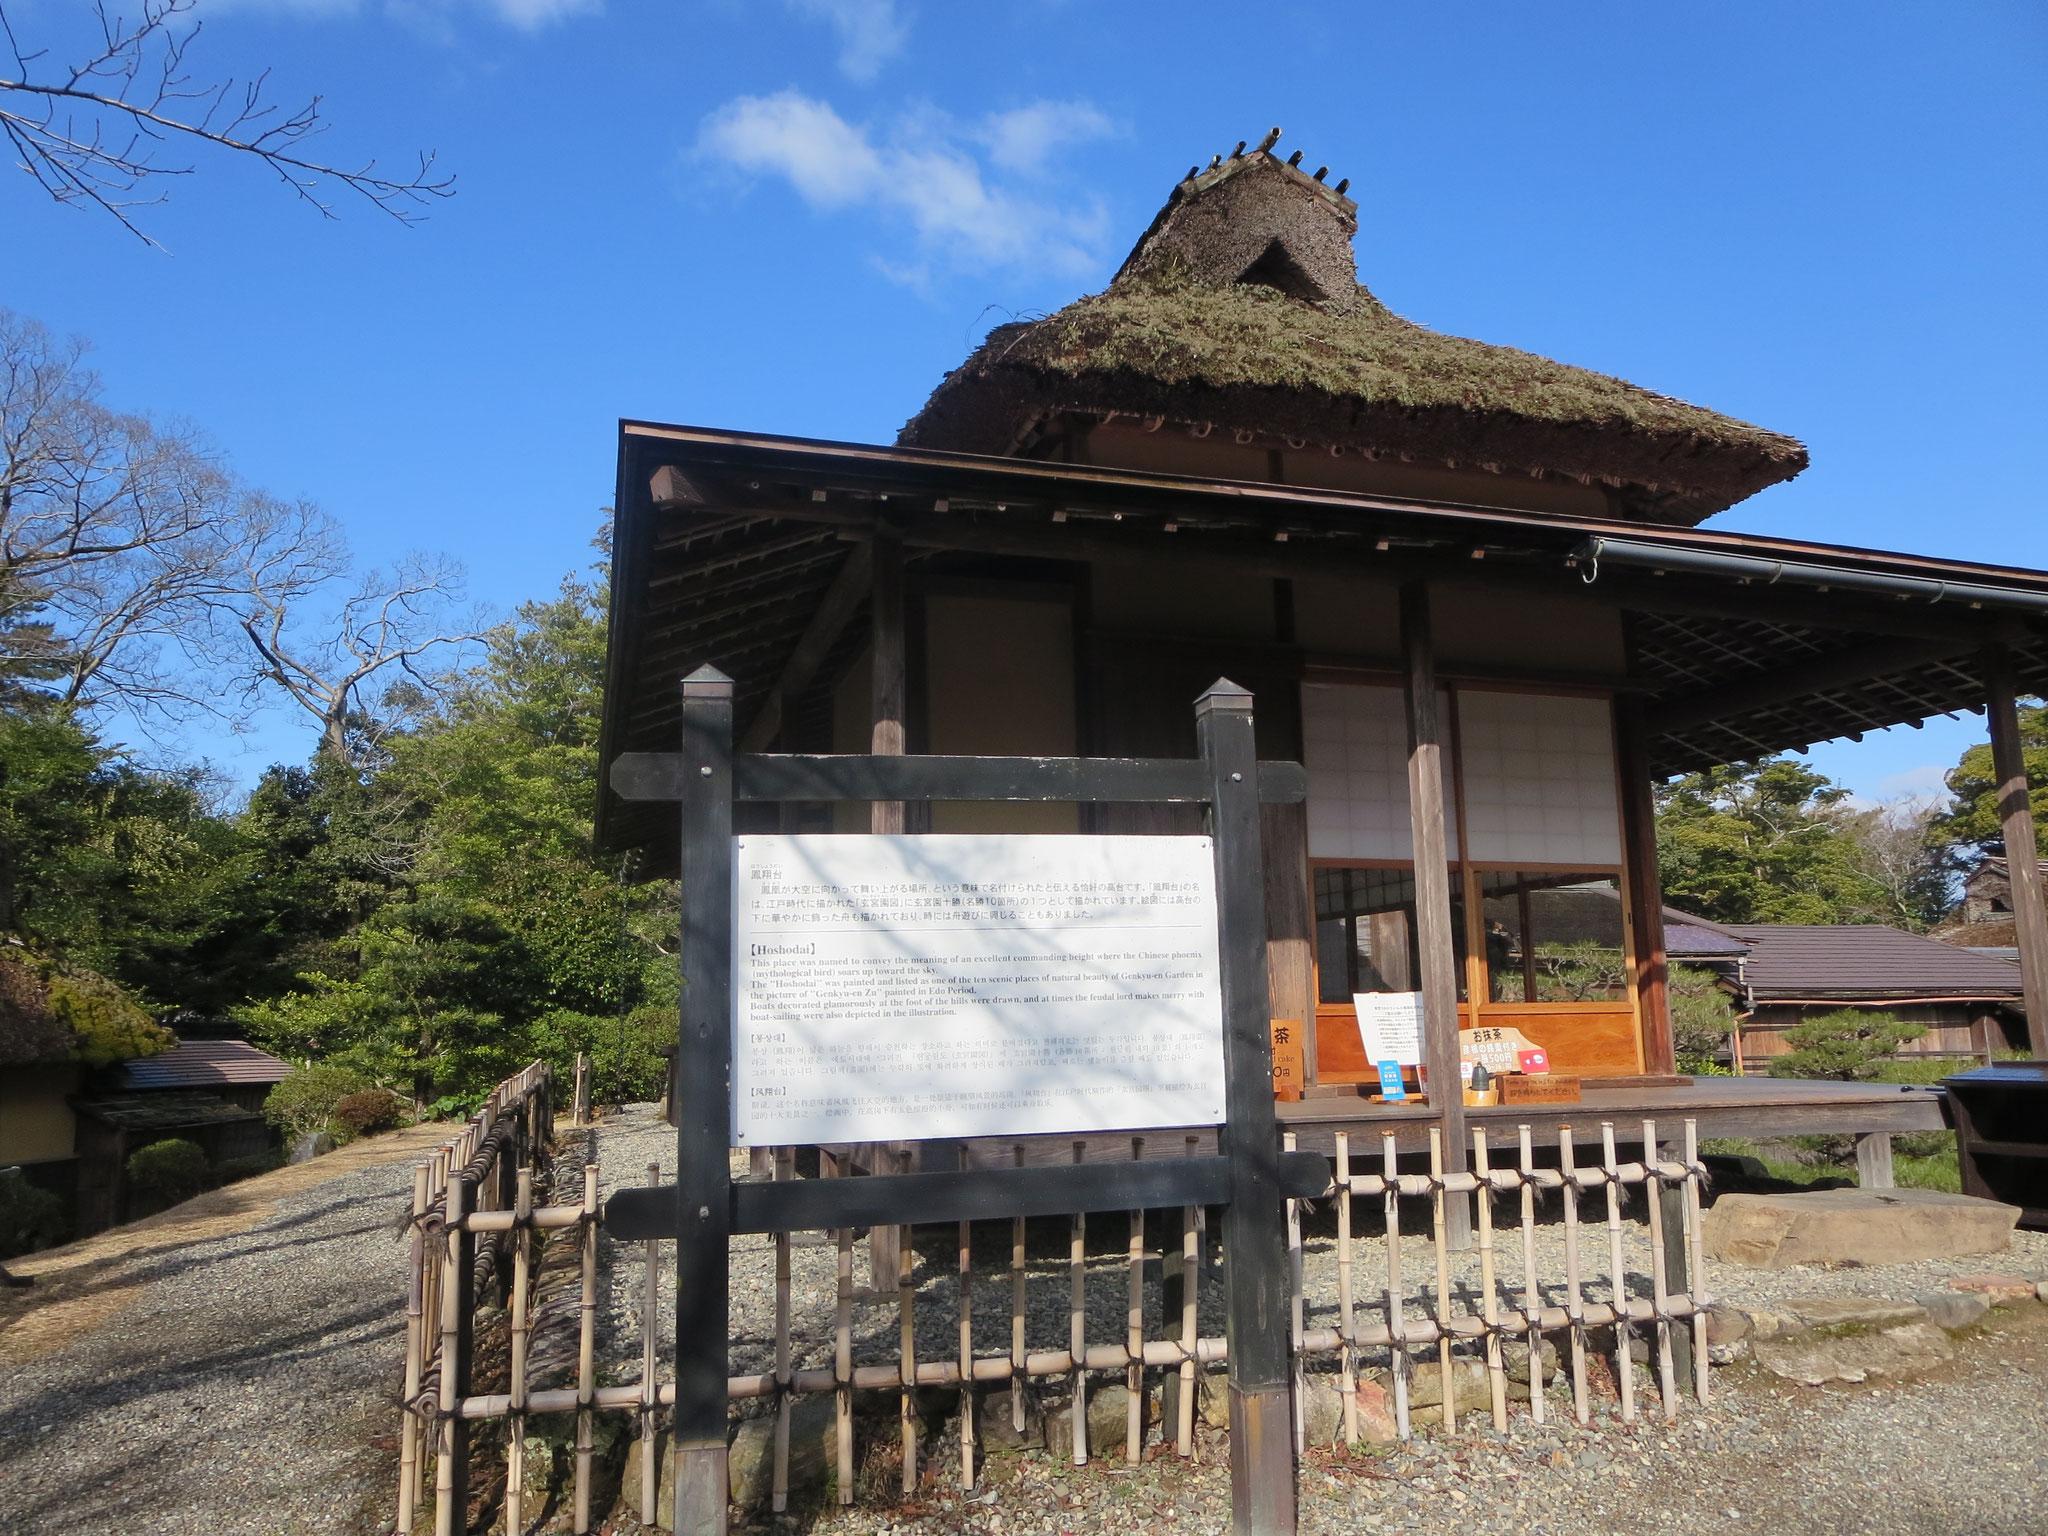 鳳翔台 庭園内の築山にある茶室